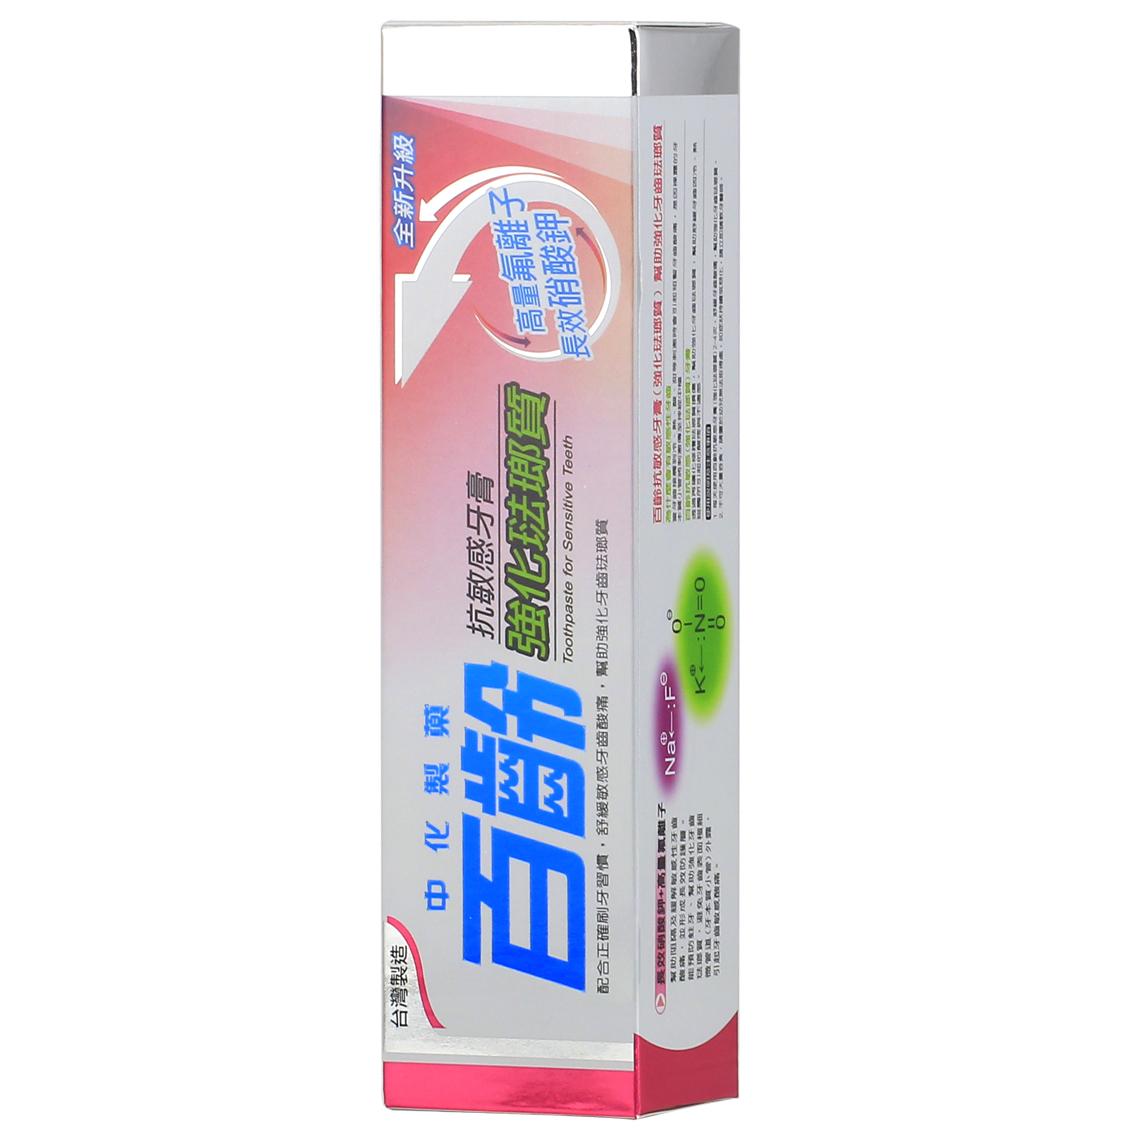 集美优彩妆 百龄抗敏感牙膏110g